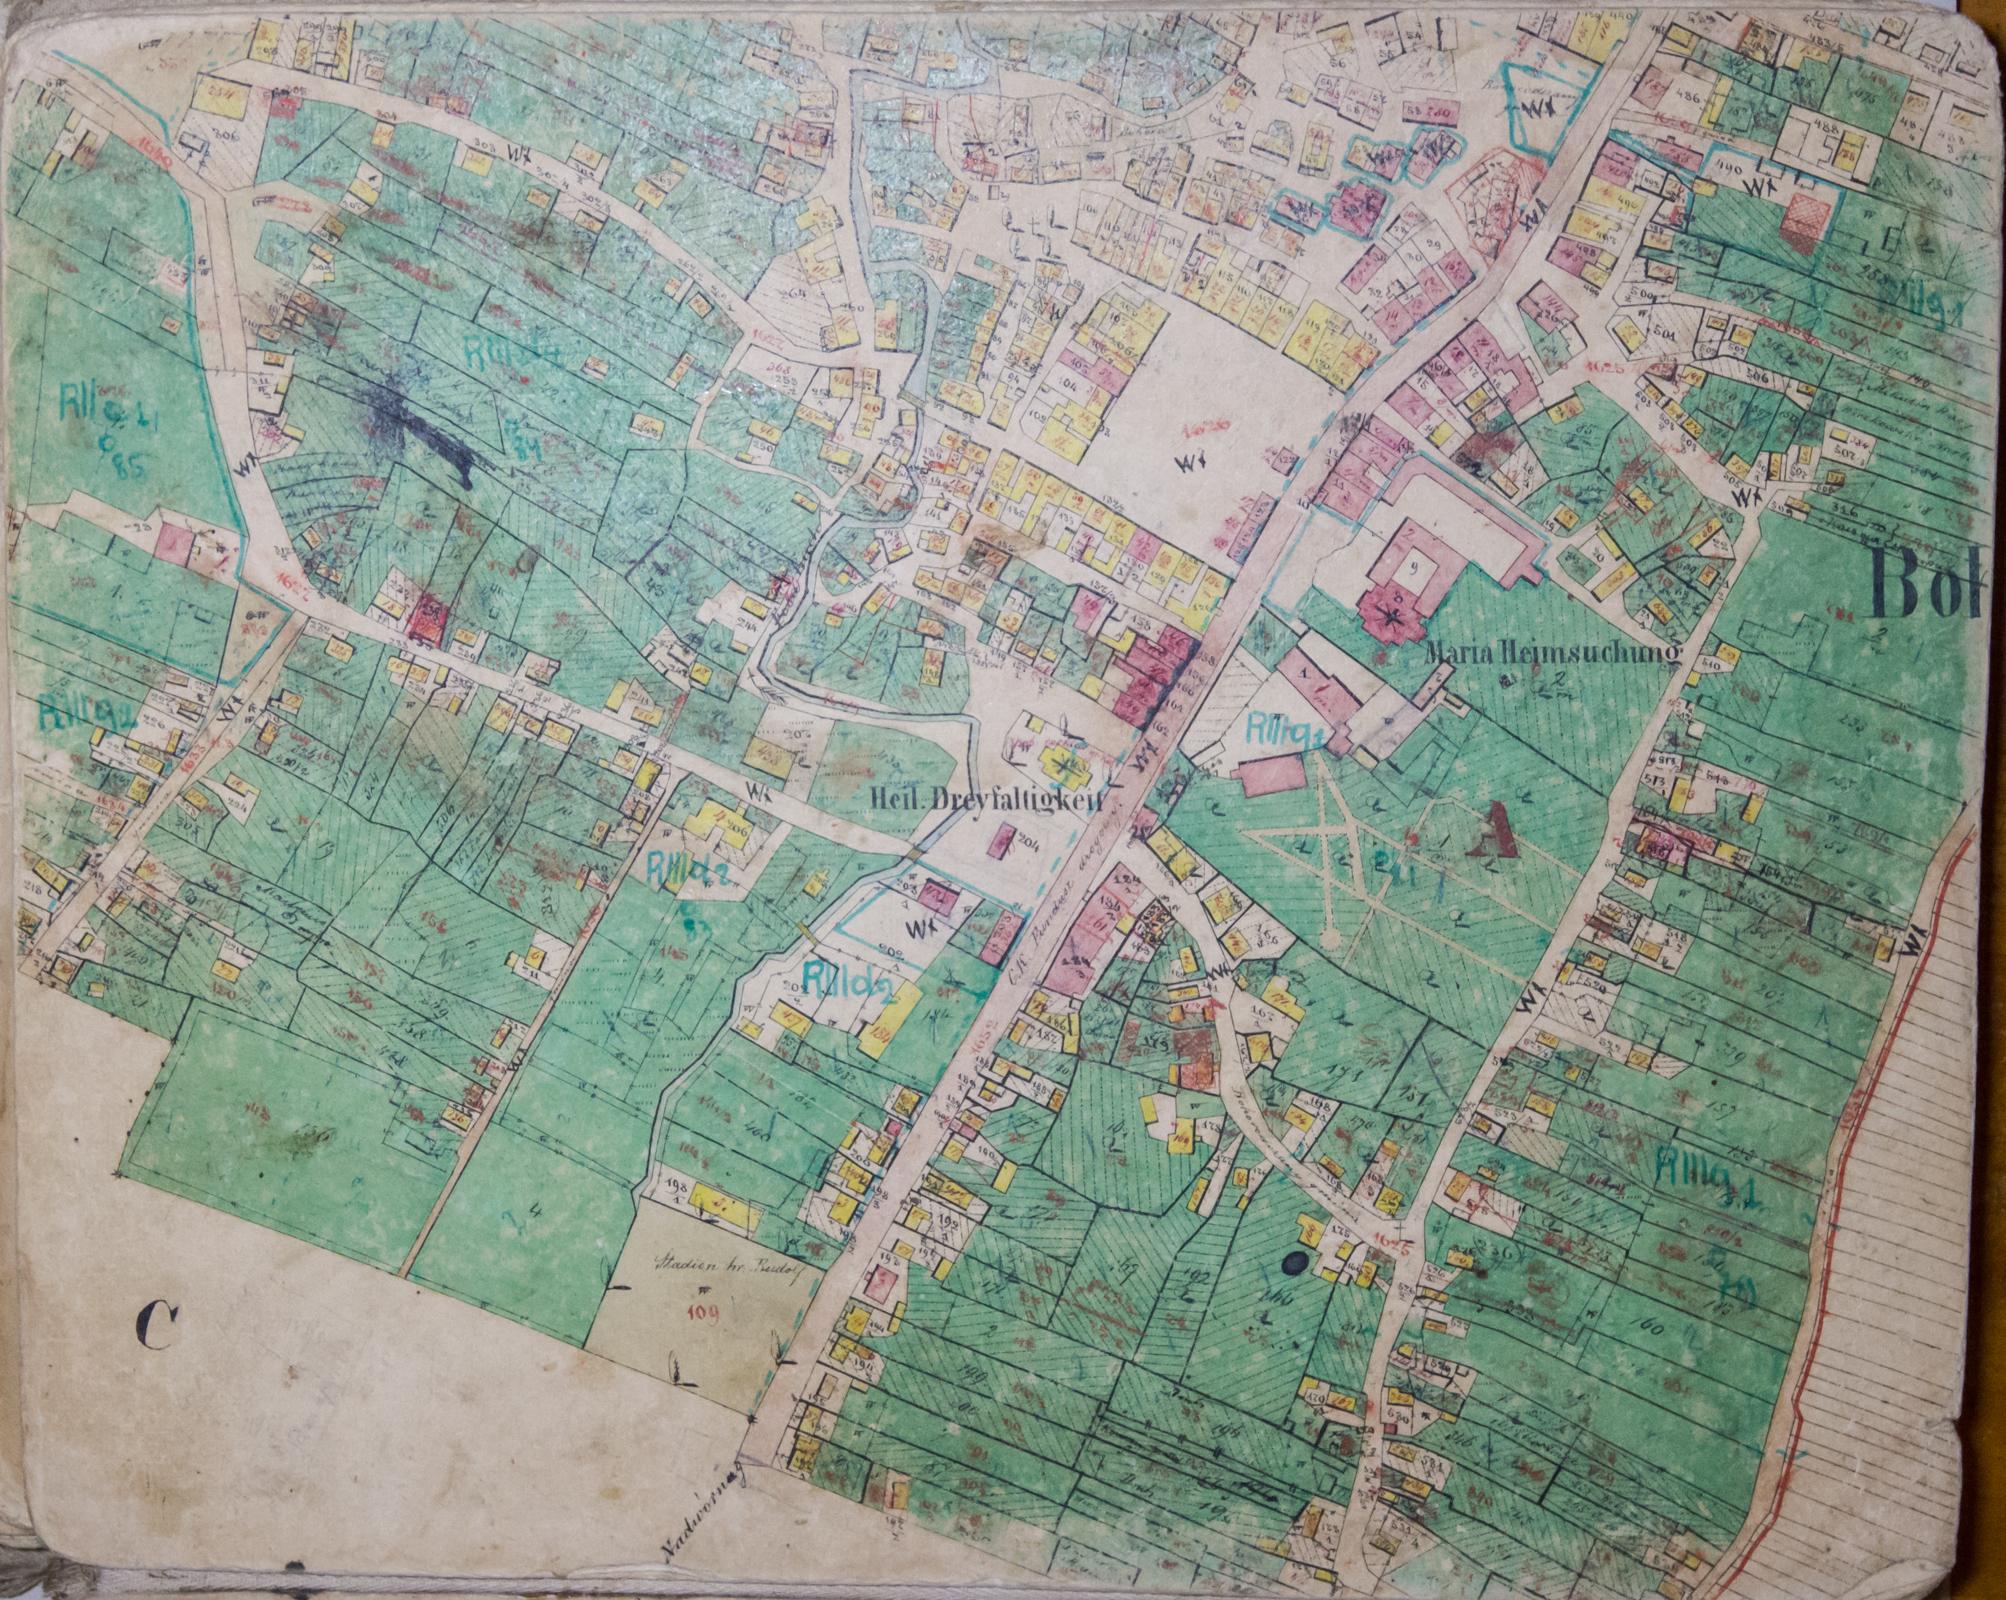 1878 Cadastral Map Of Bohorodchany Ivano Frankivsk Region Ukraine Courtesy Of Lviv